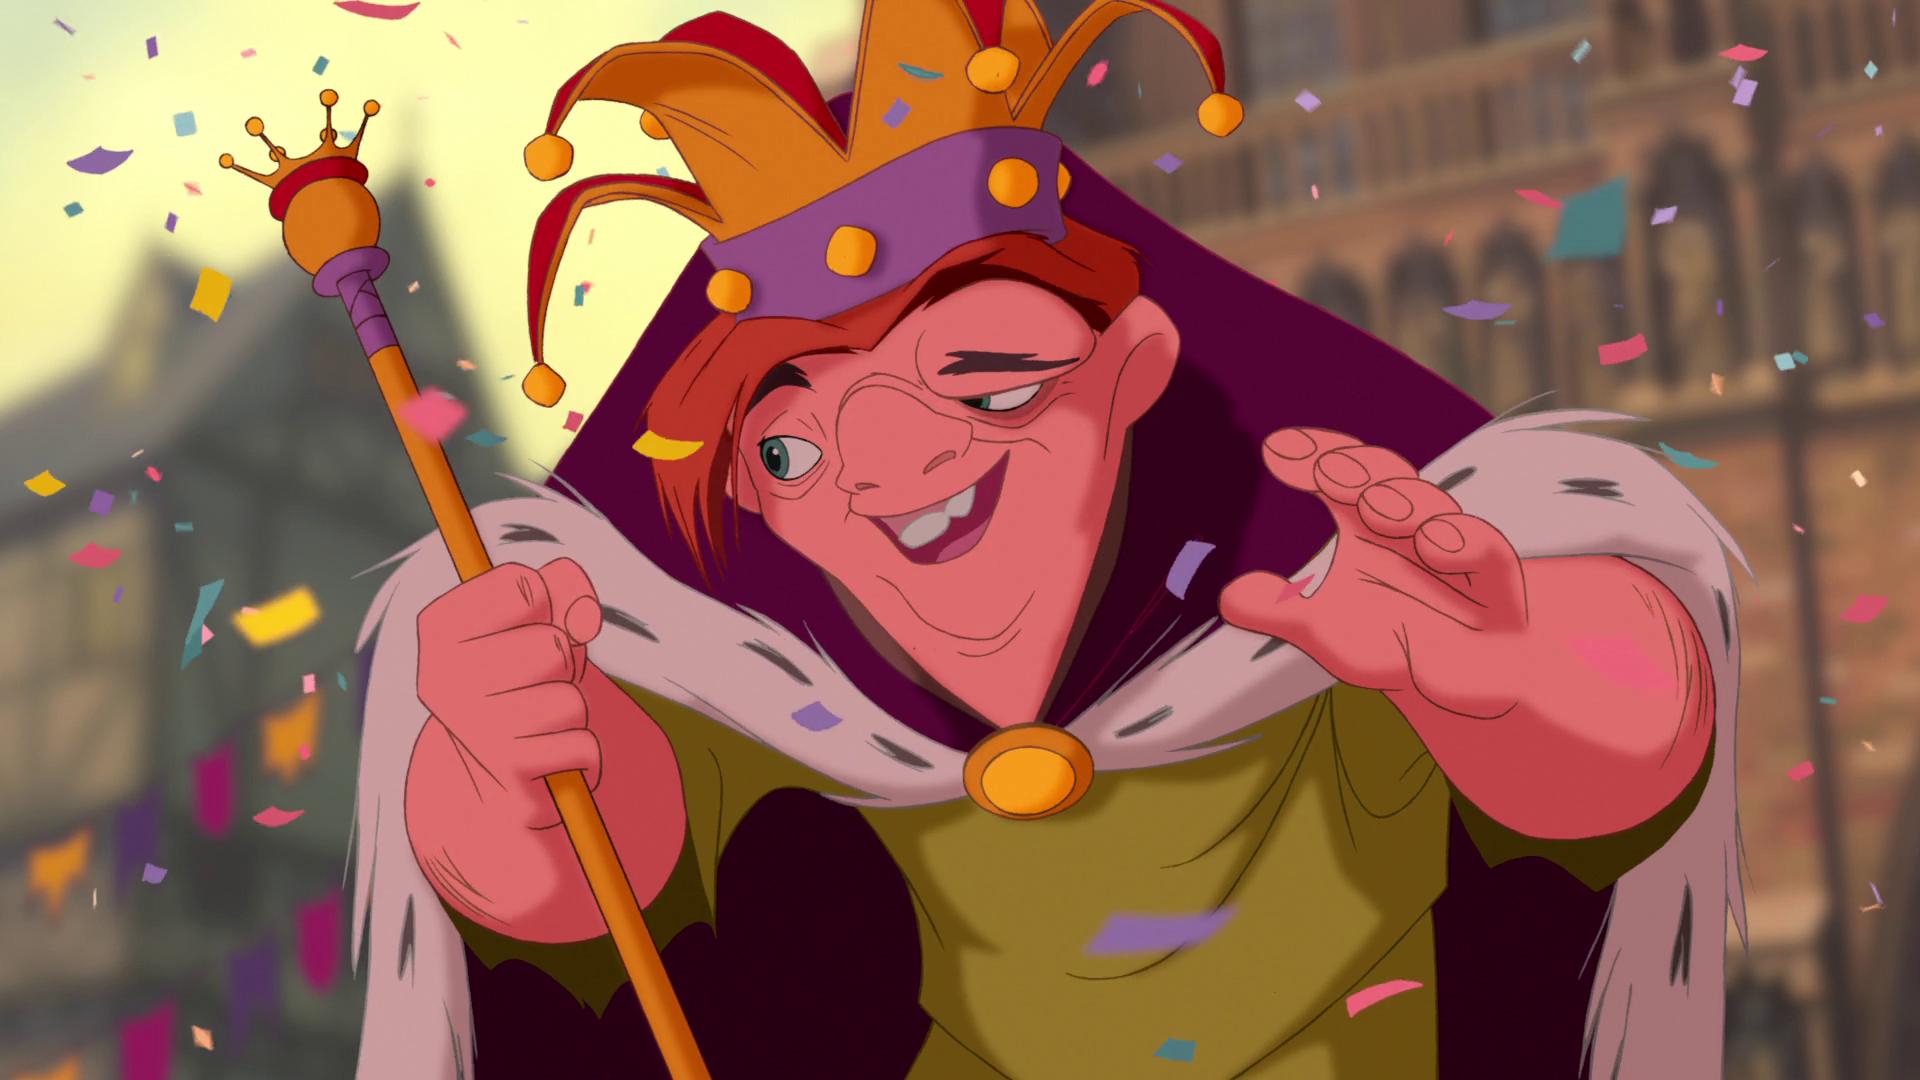 Quasimodo Disney Image - Quasimodo 56.P...